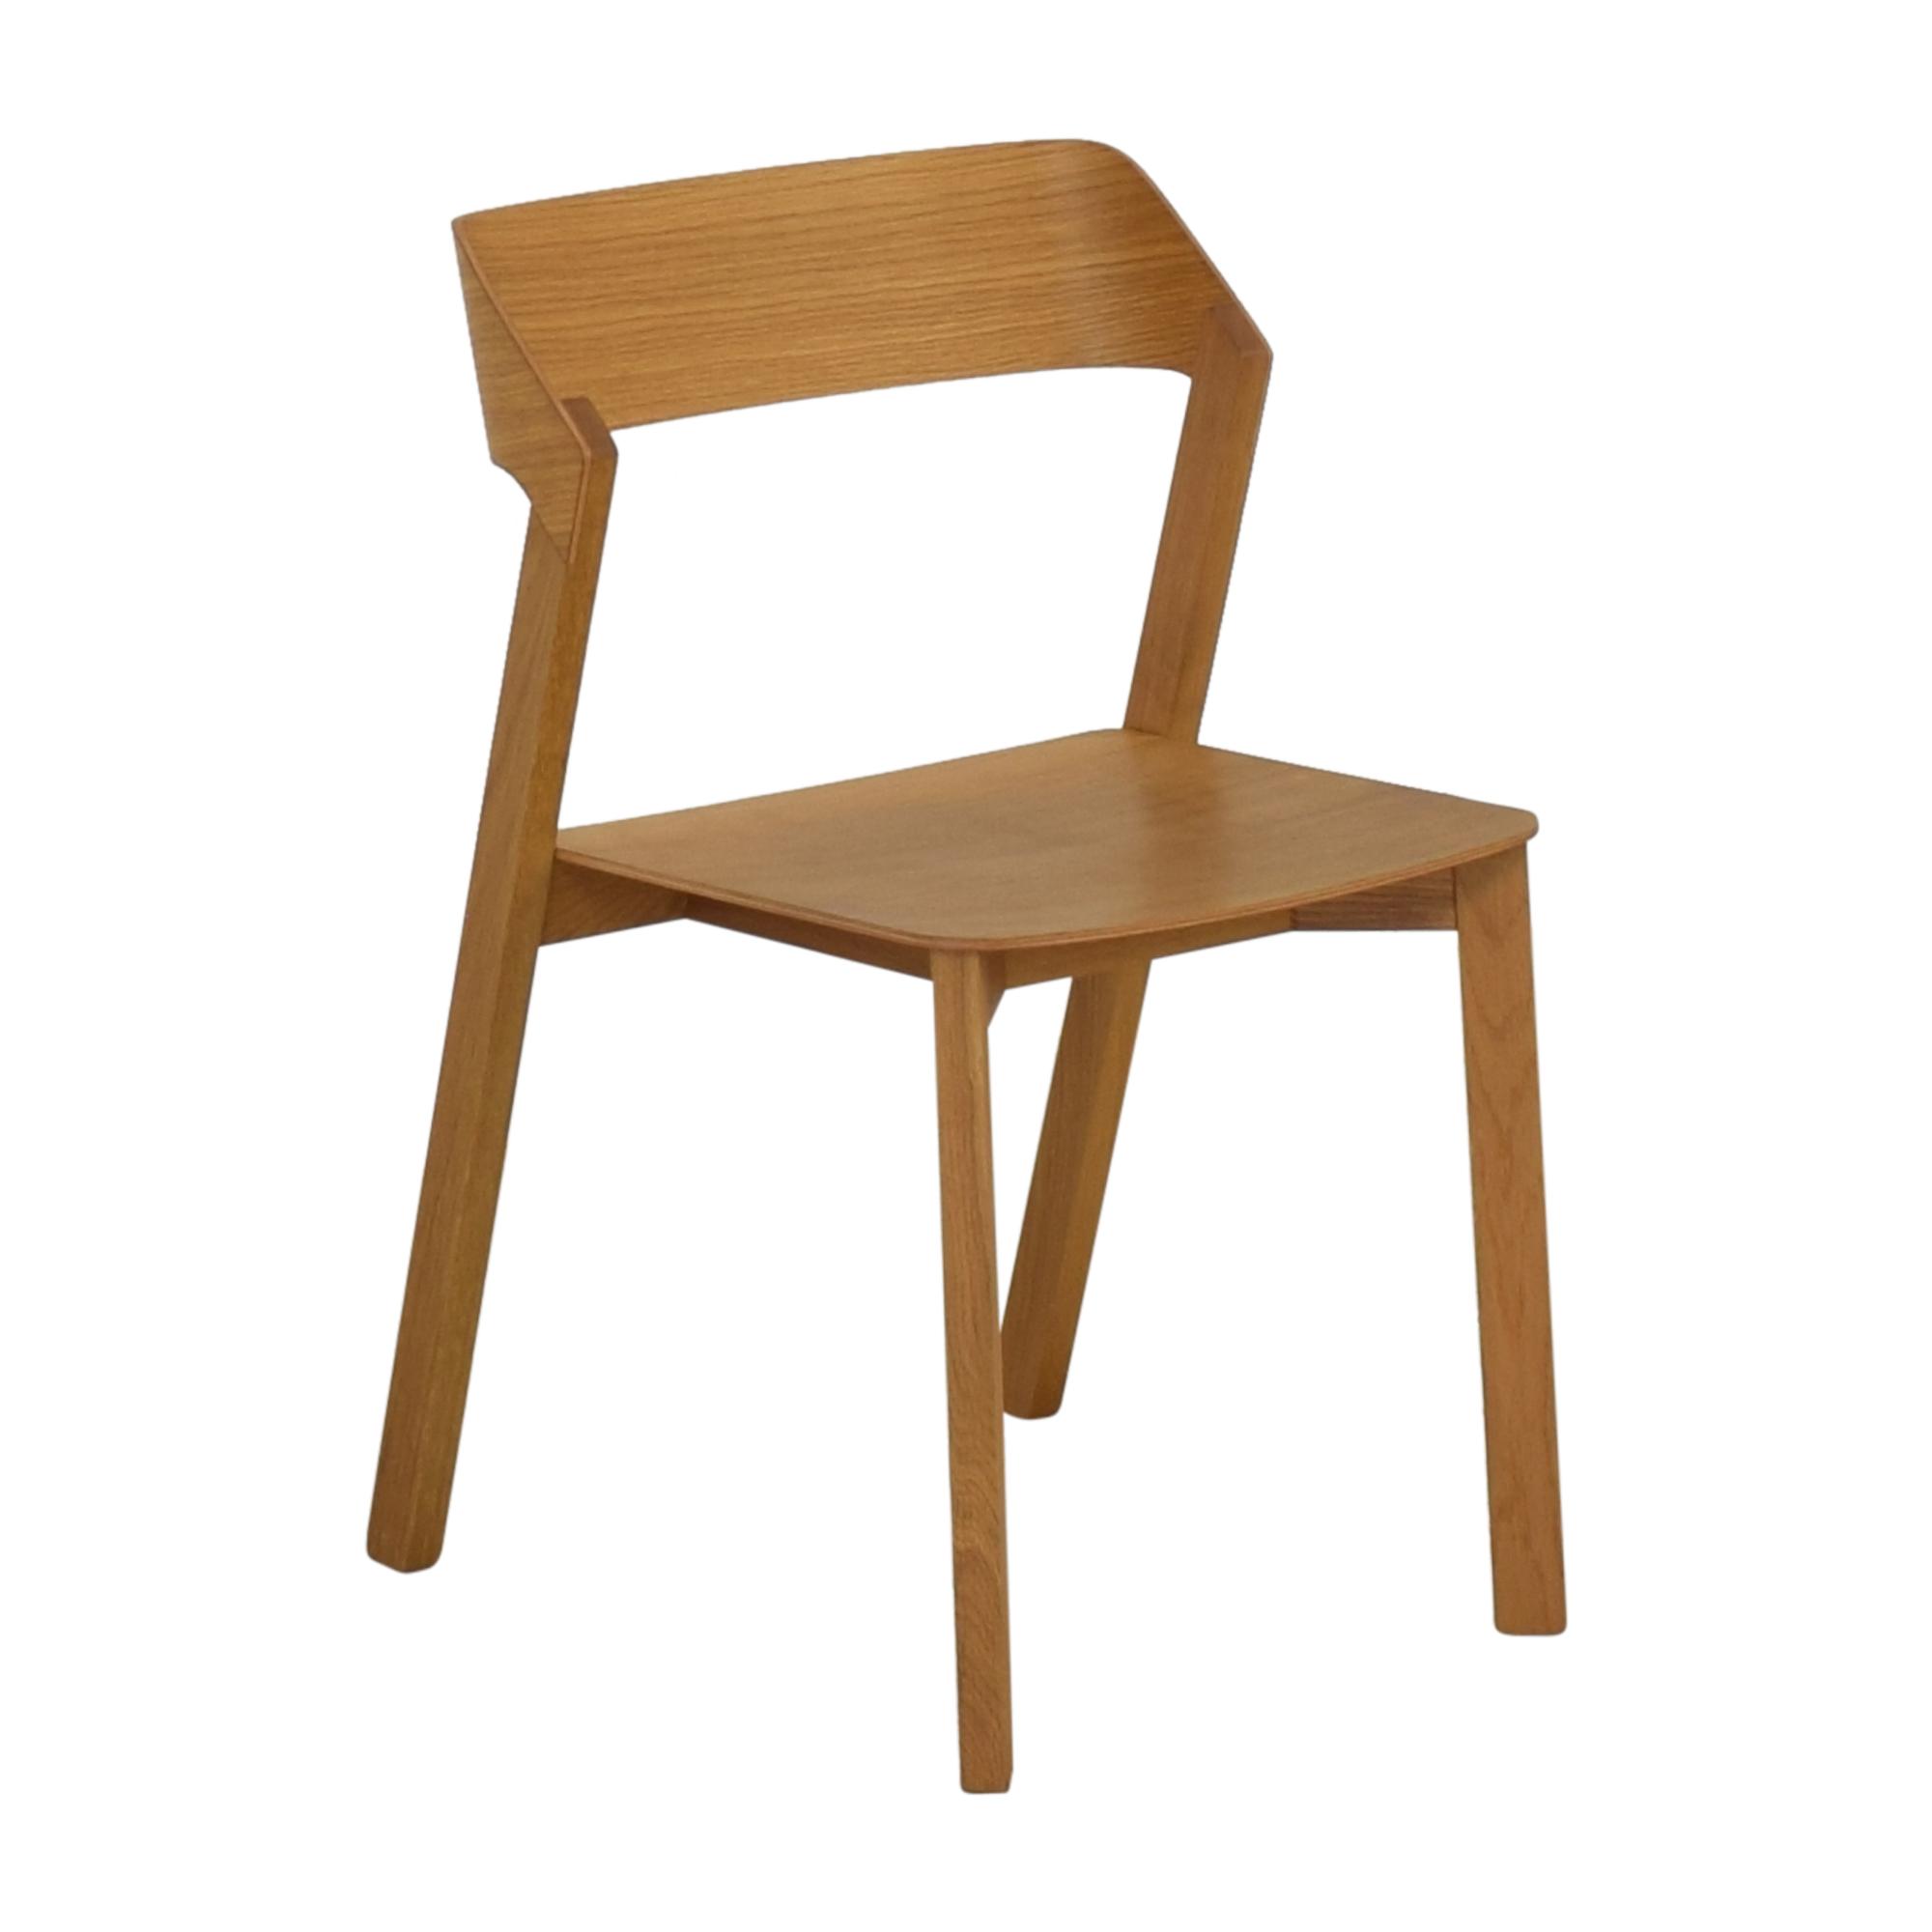 TON Merano Chair / Chairs